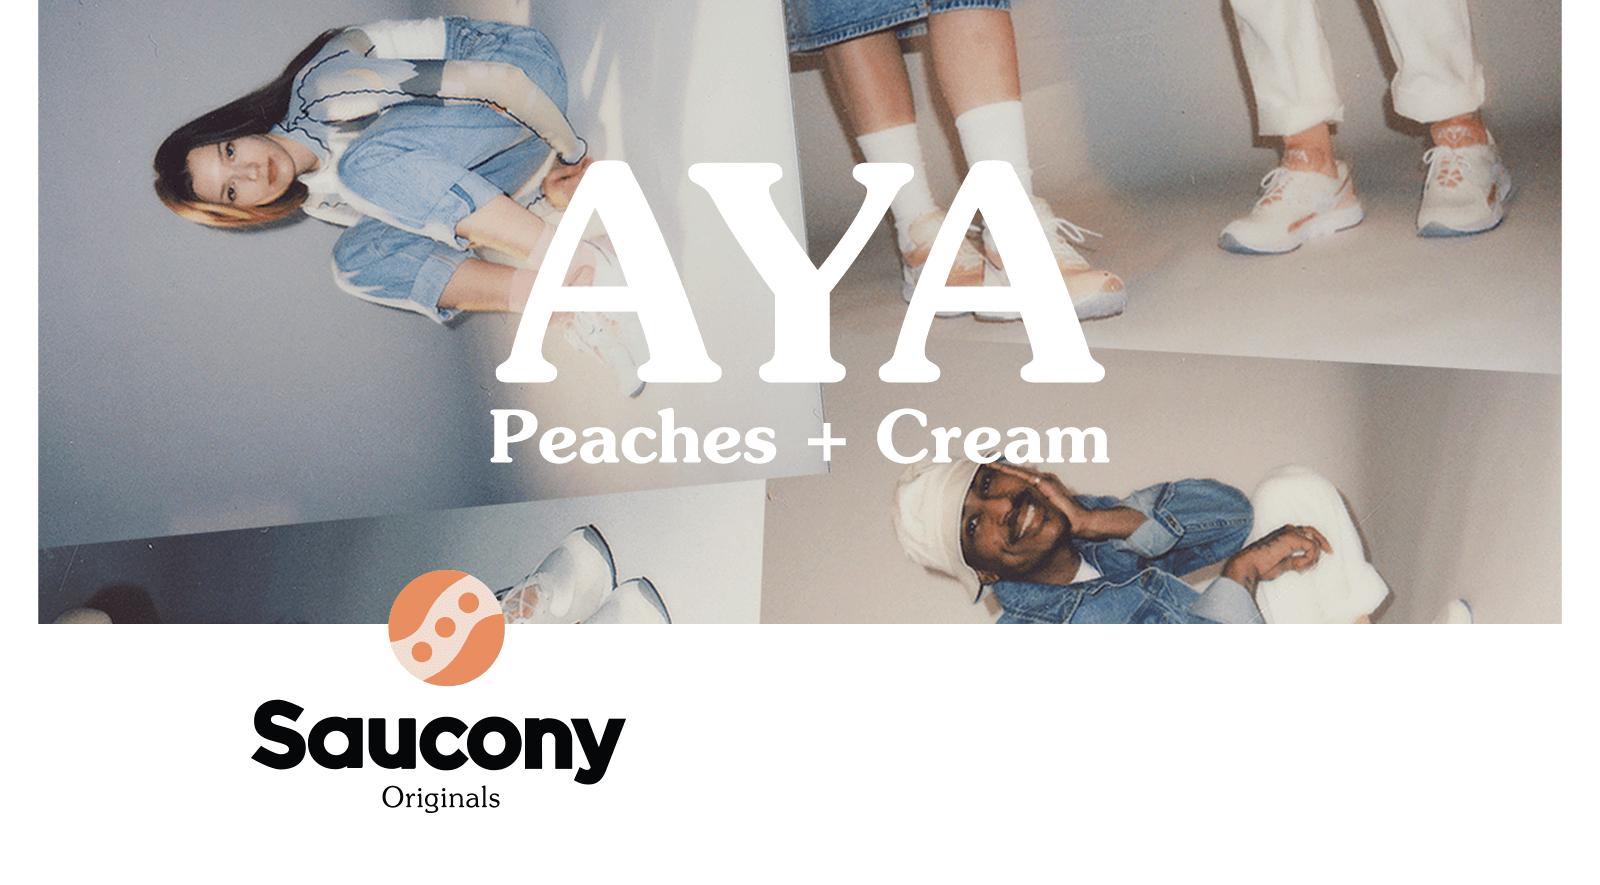 AYA Peaches + Cream Saucony Originals.